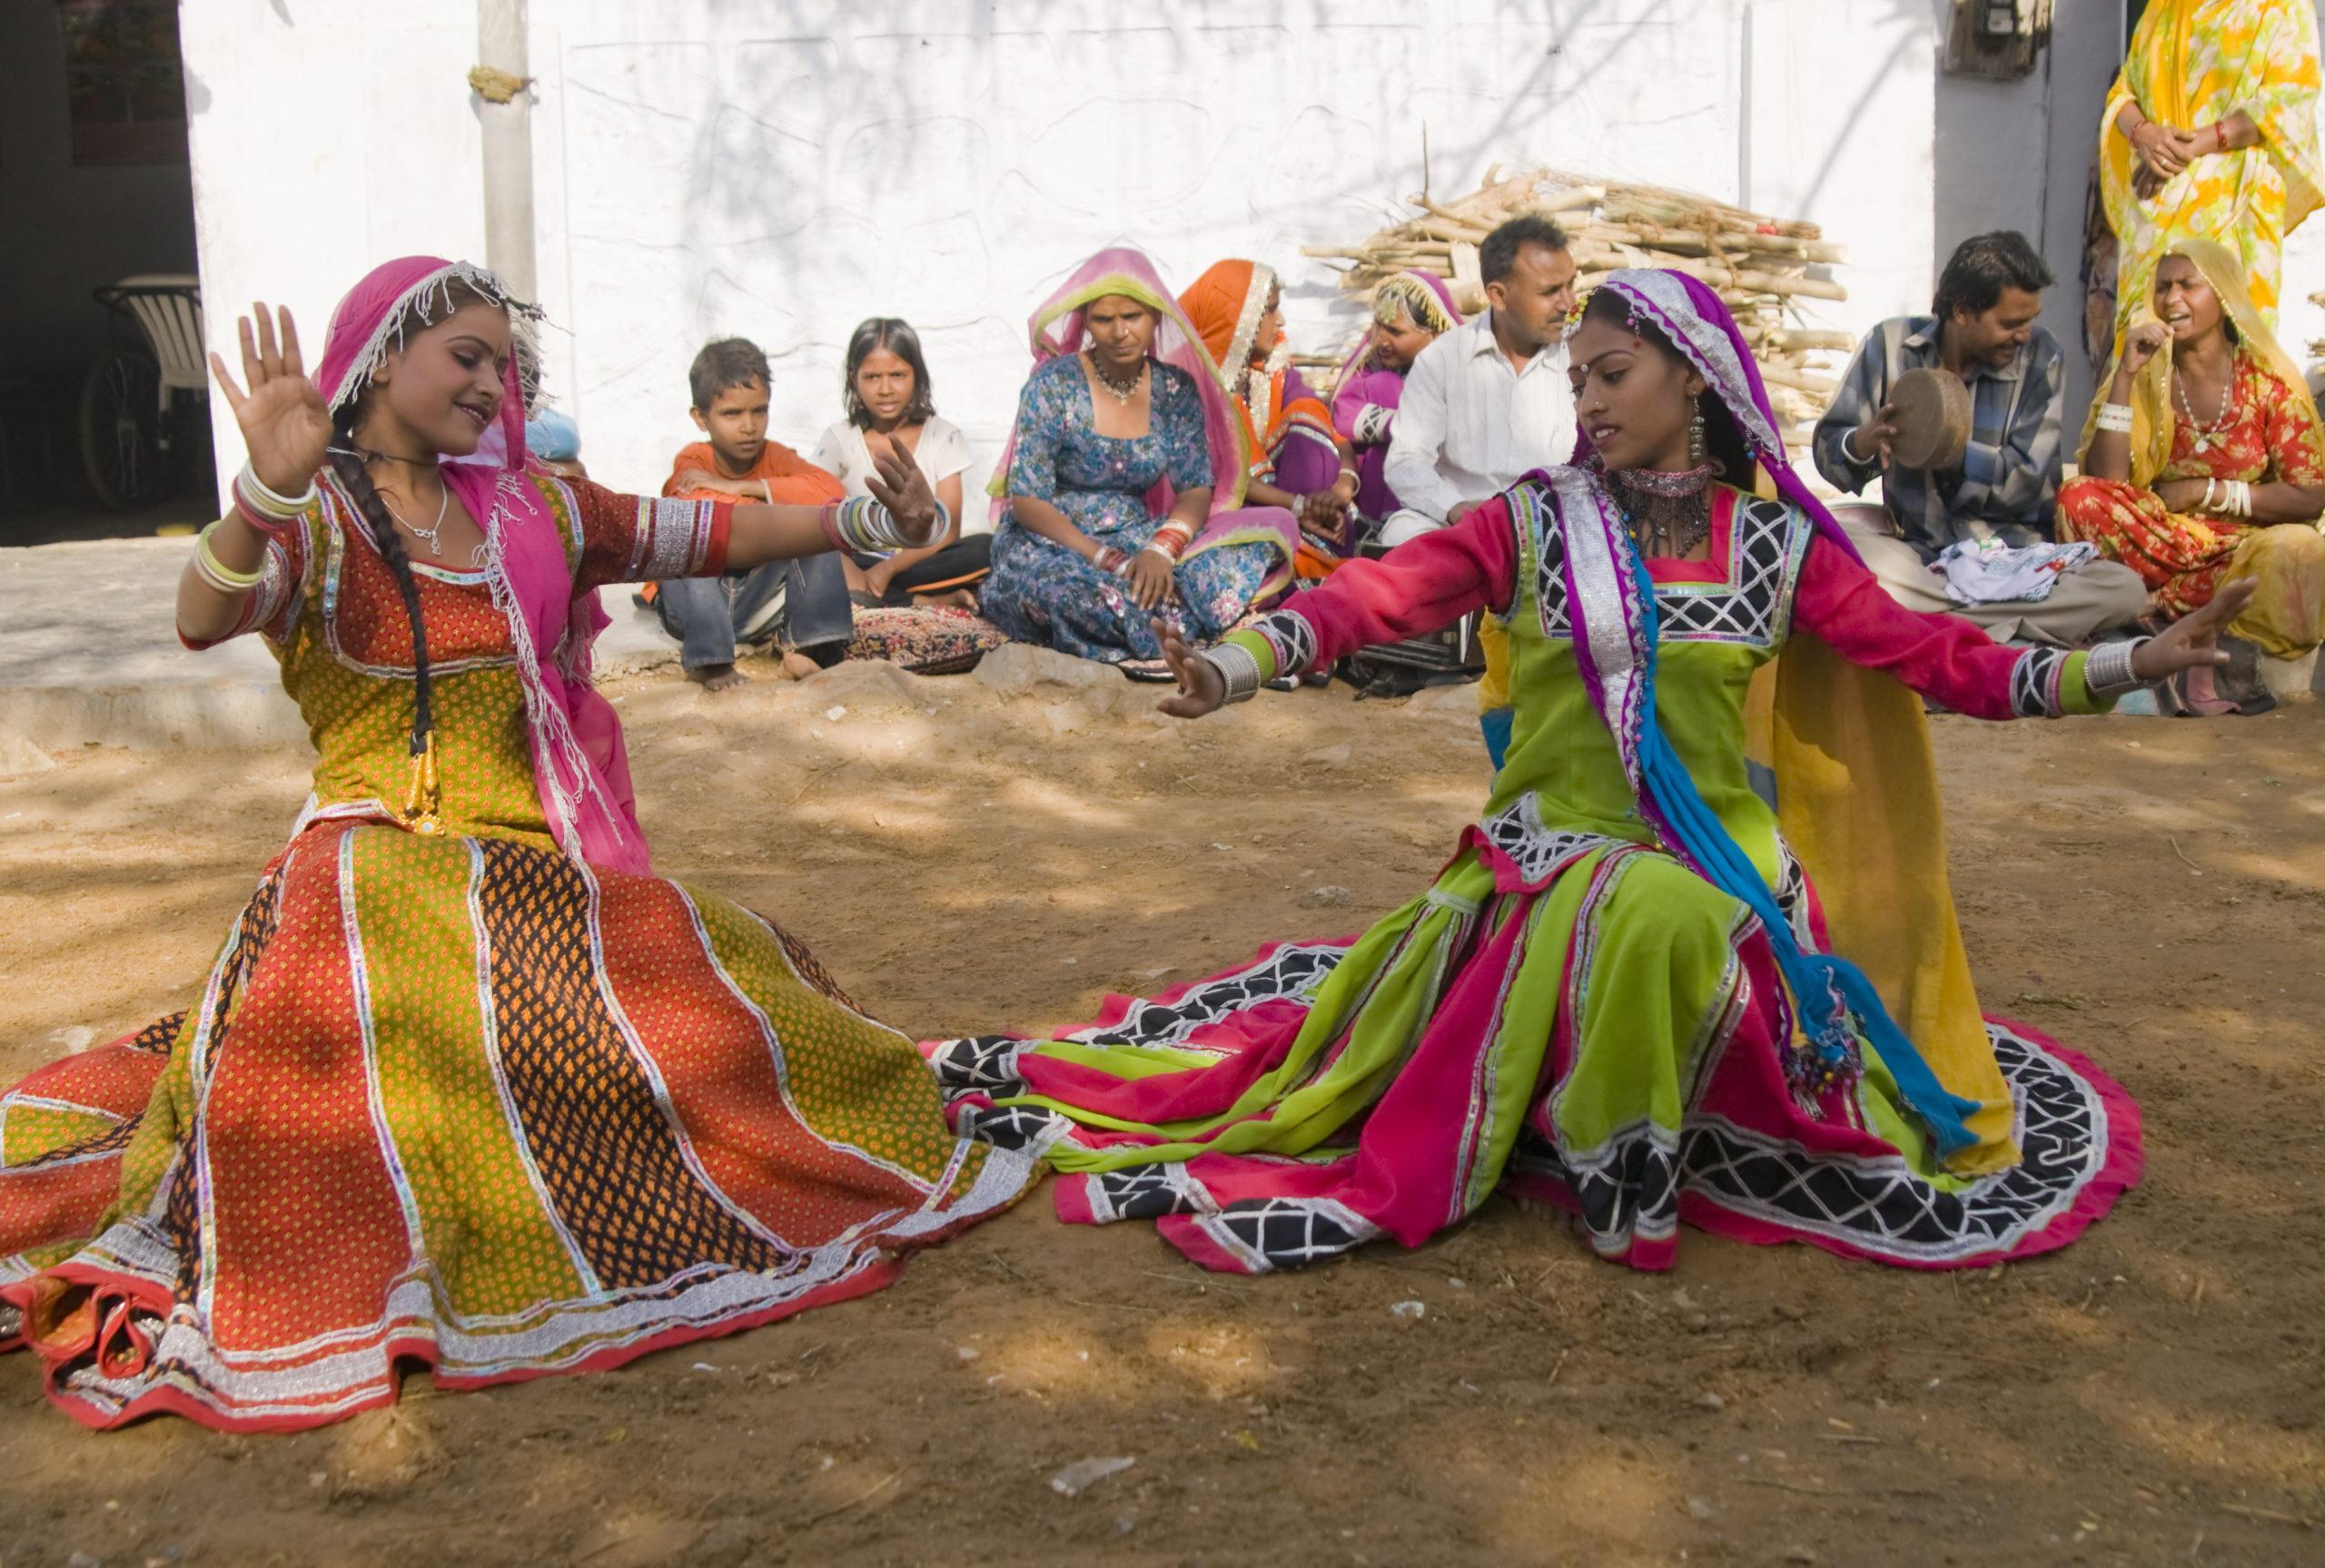 Inde - Danseuses